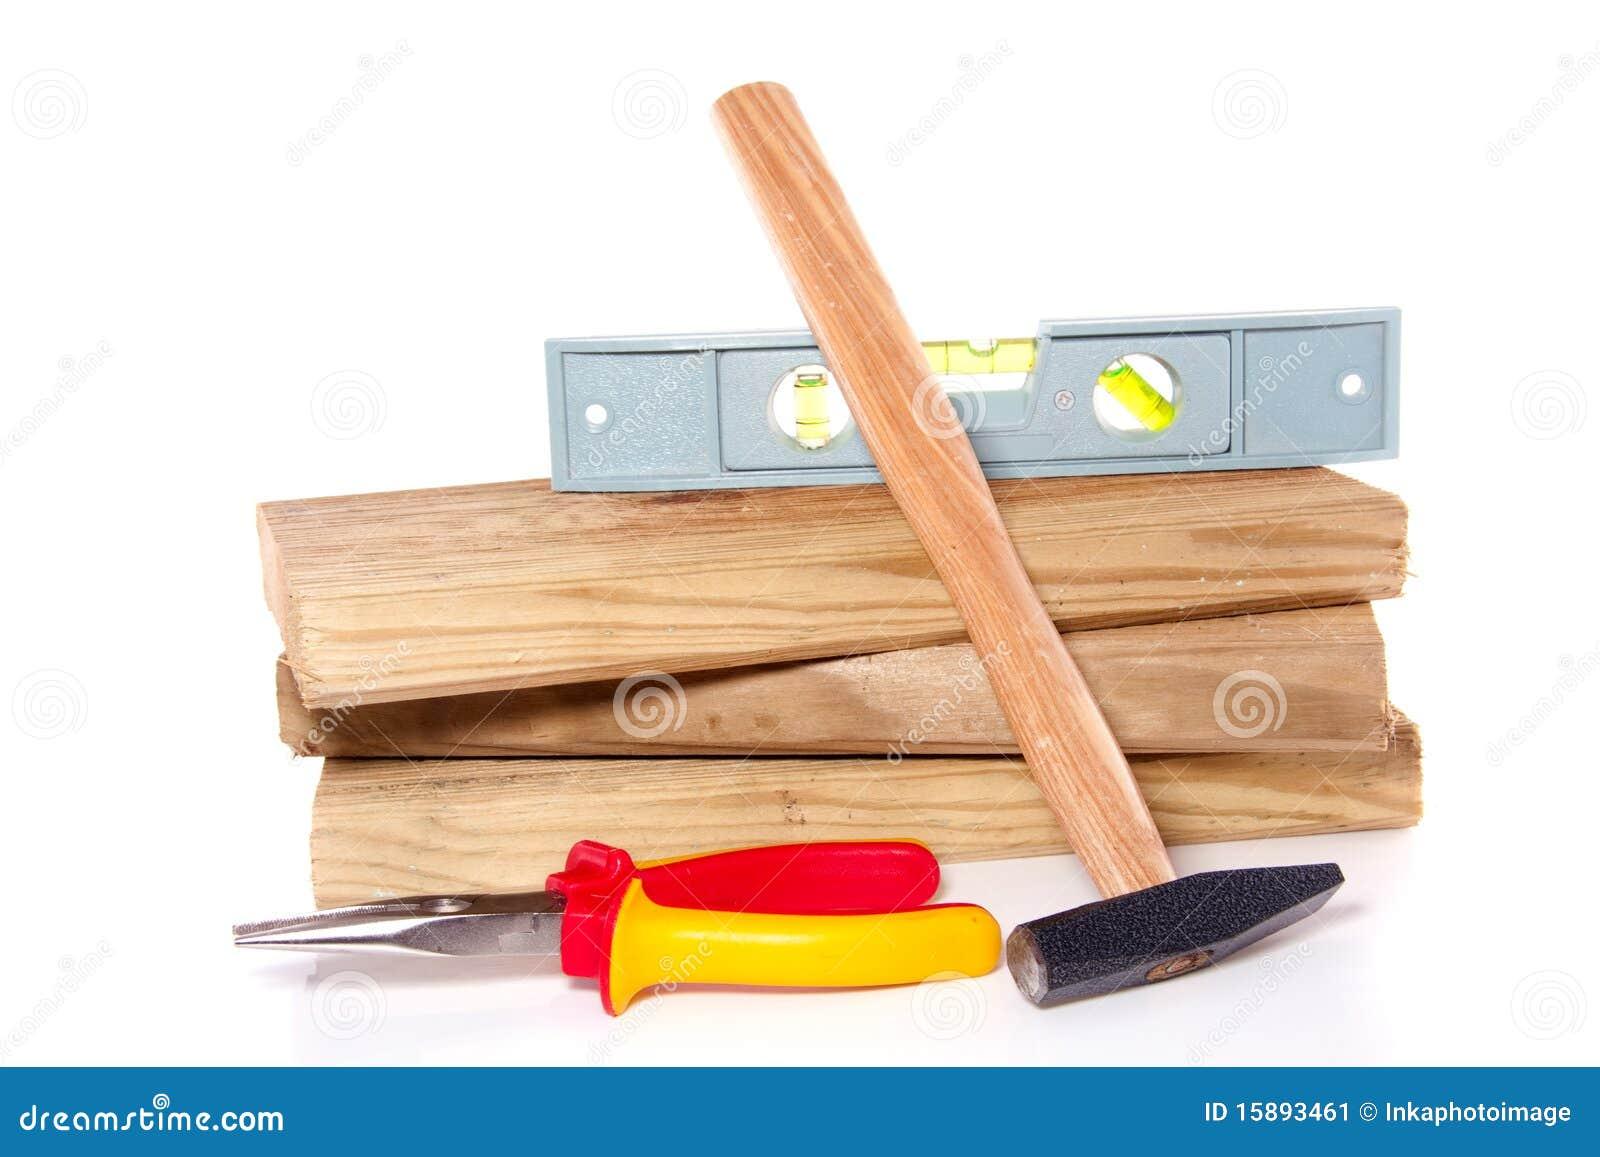 Tablones de madera con las herramientas del trabajo imagen - Herramientas de madera ...